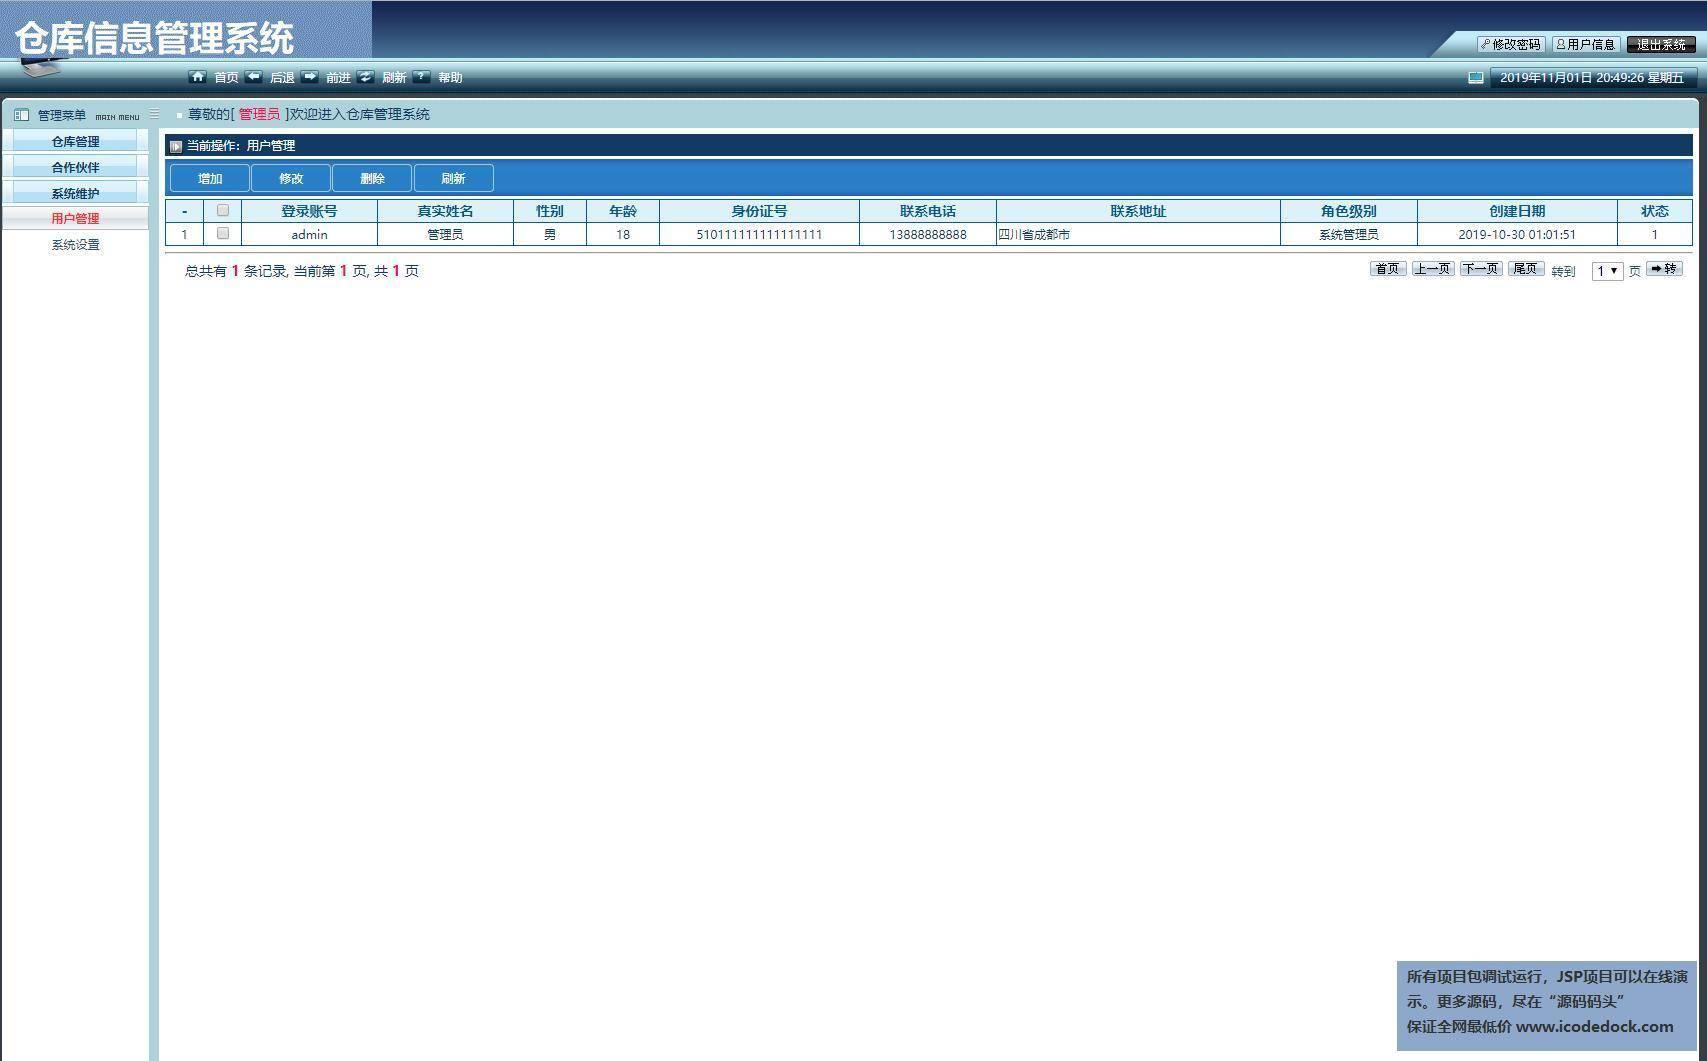 源码码头-SSH仓储管理系统-管理员角色-用户管理